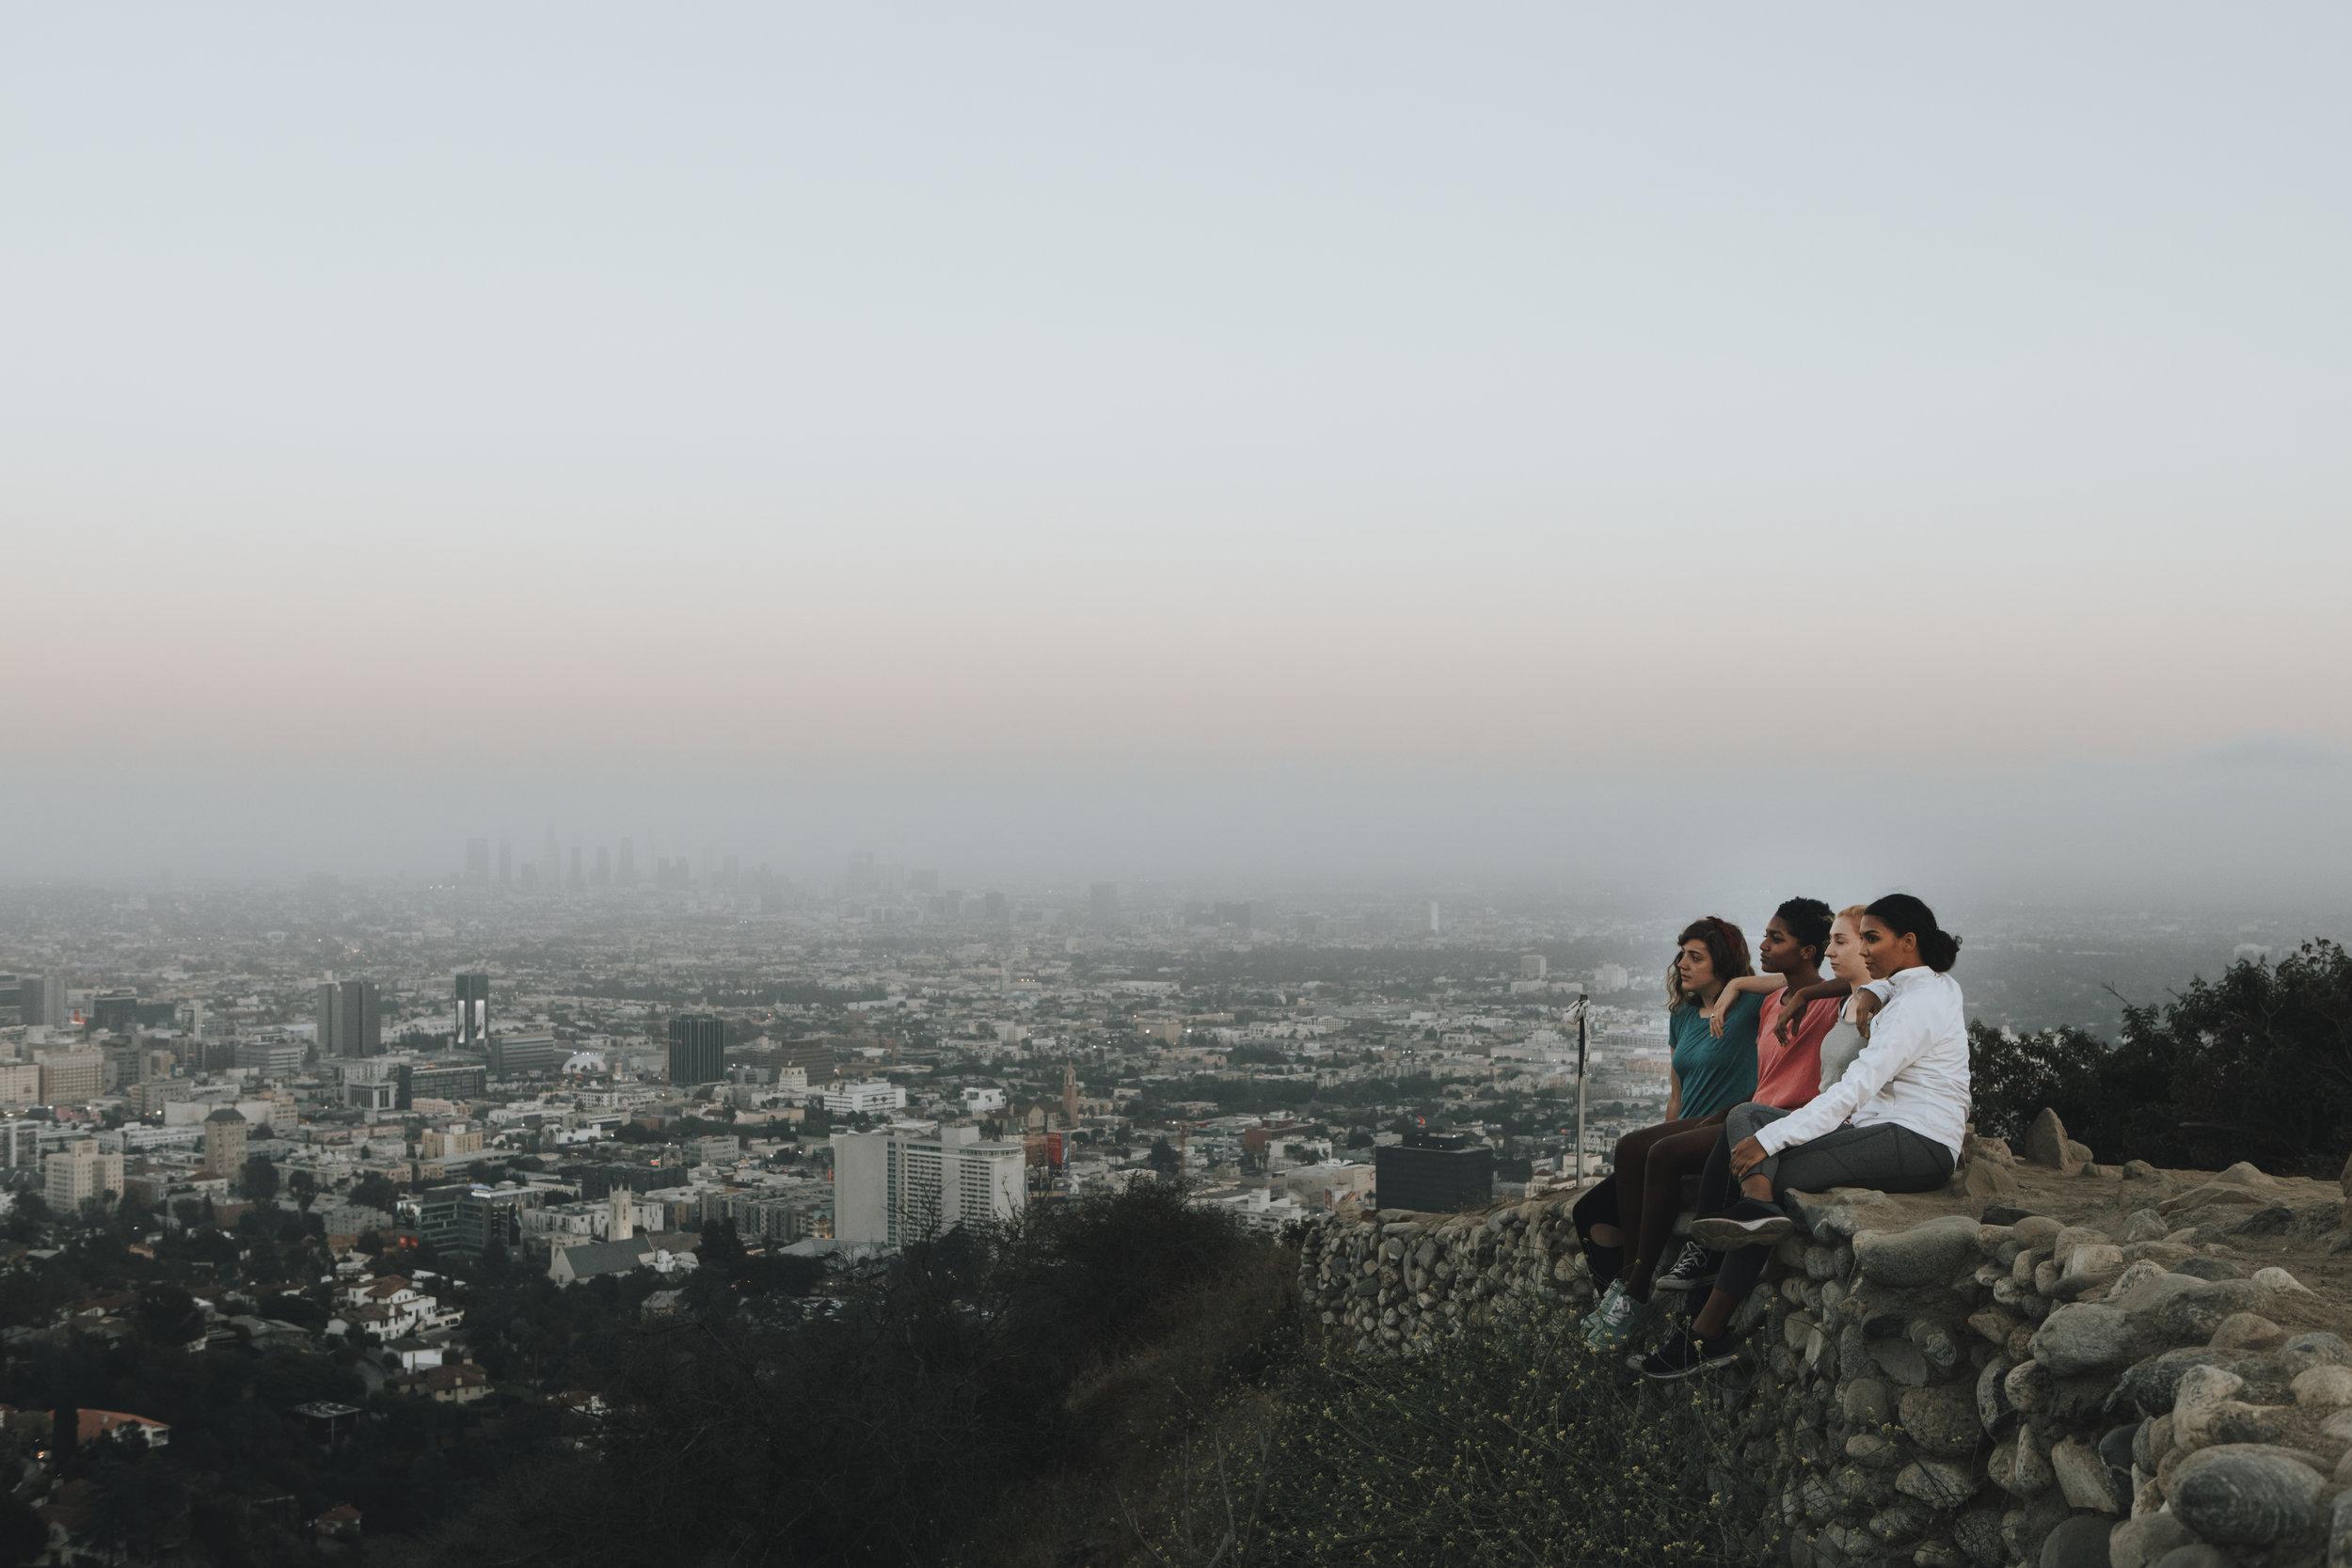 contaminación vehicular en California.jpg